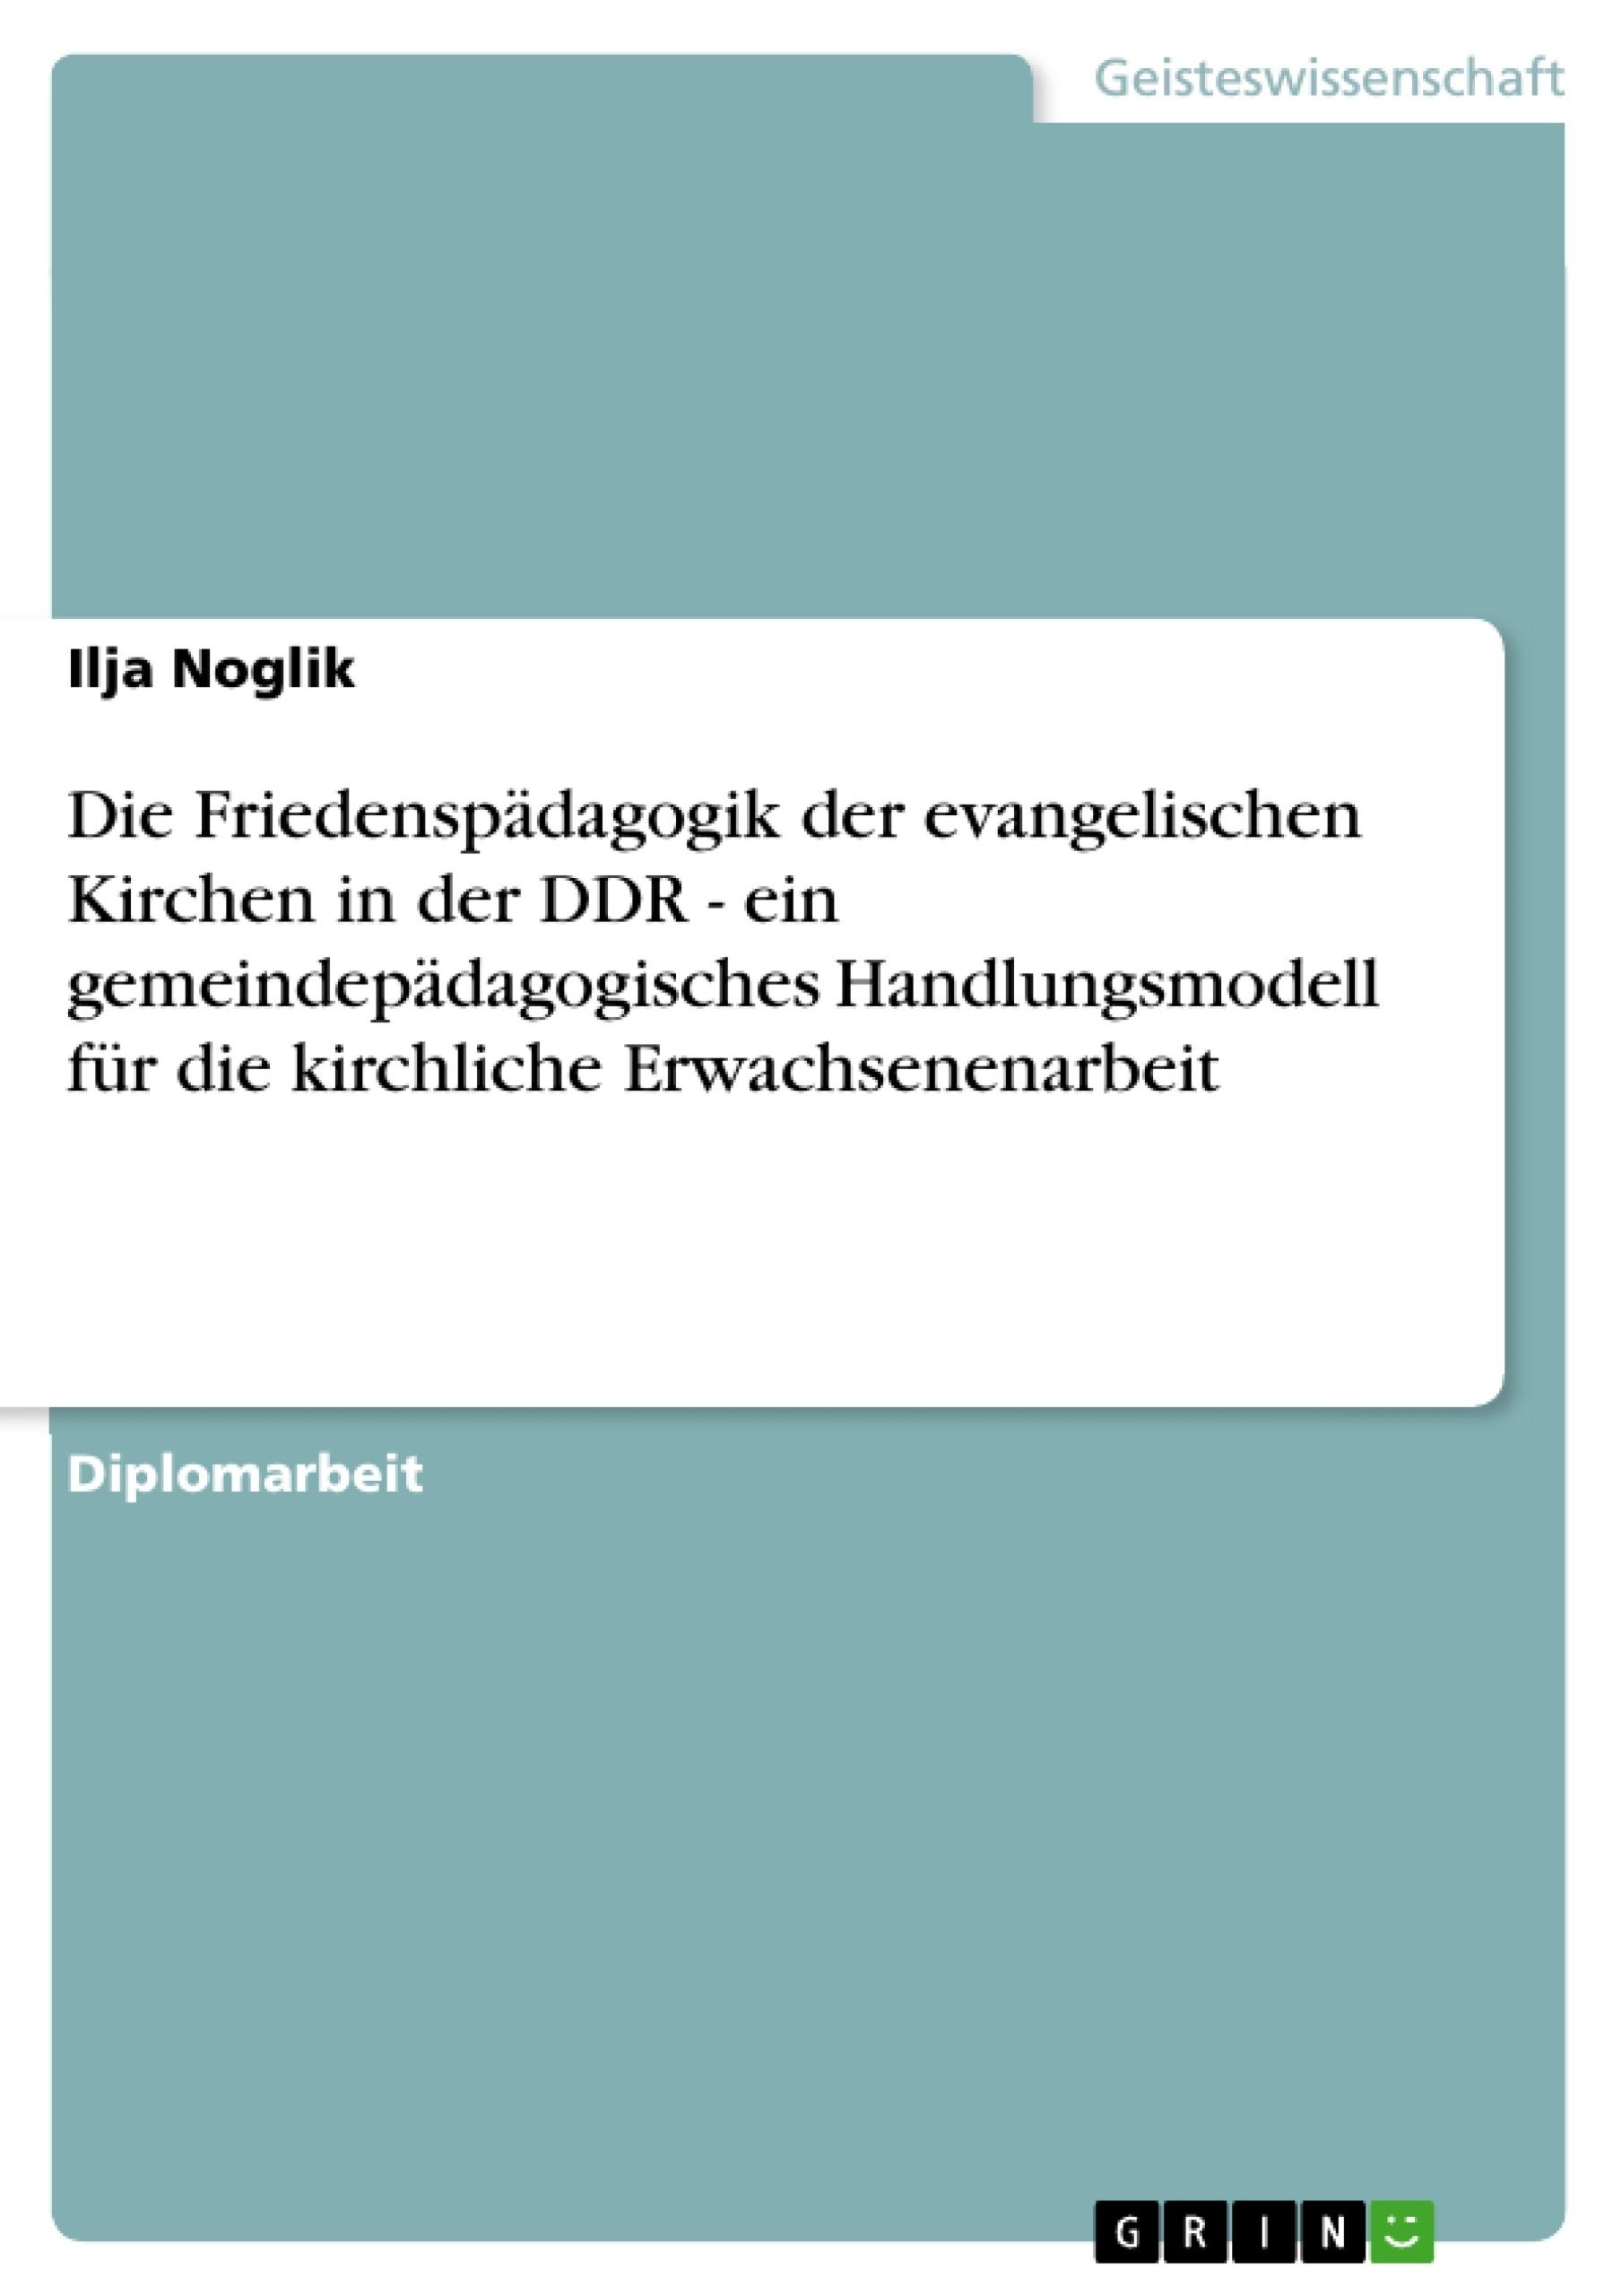 Titel: Die Friedenspädagogik der evangelischen Kirchen in der DDR - ein gemeindepädagogisches Handlungsmodell für die kirchliche Erwachsenenarbeit